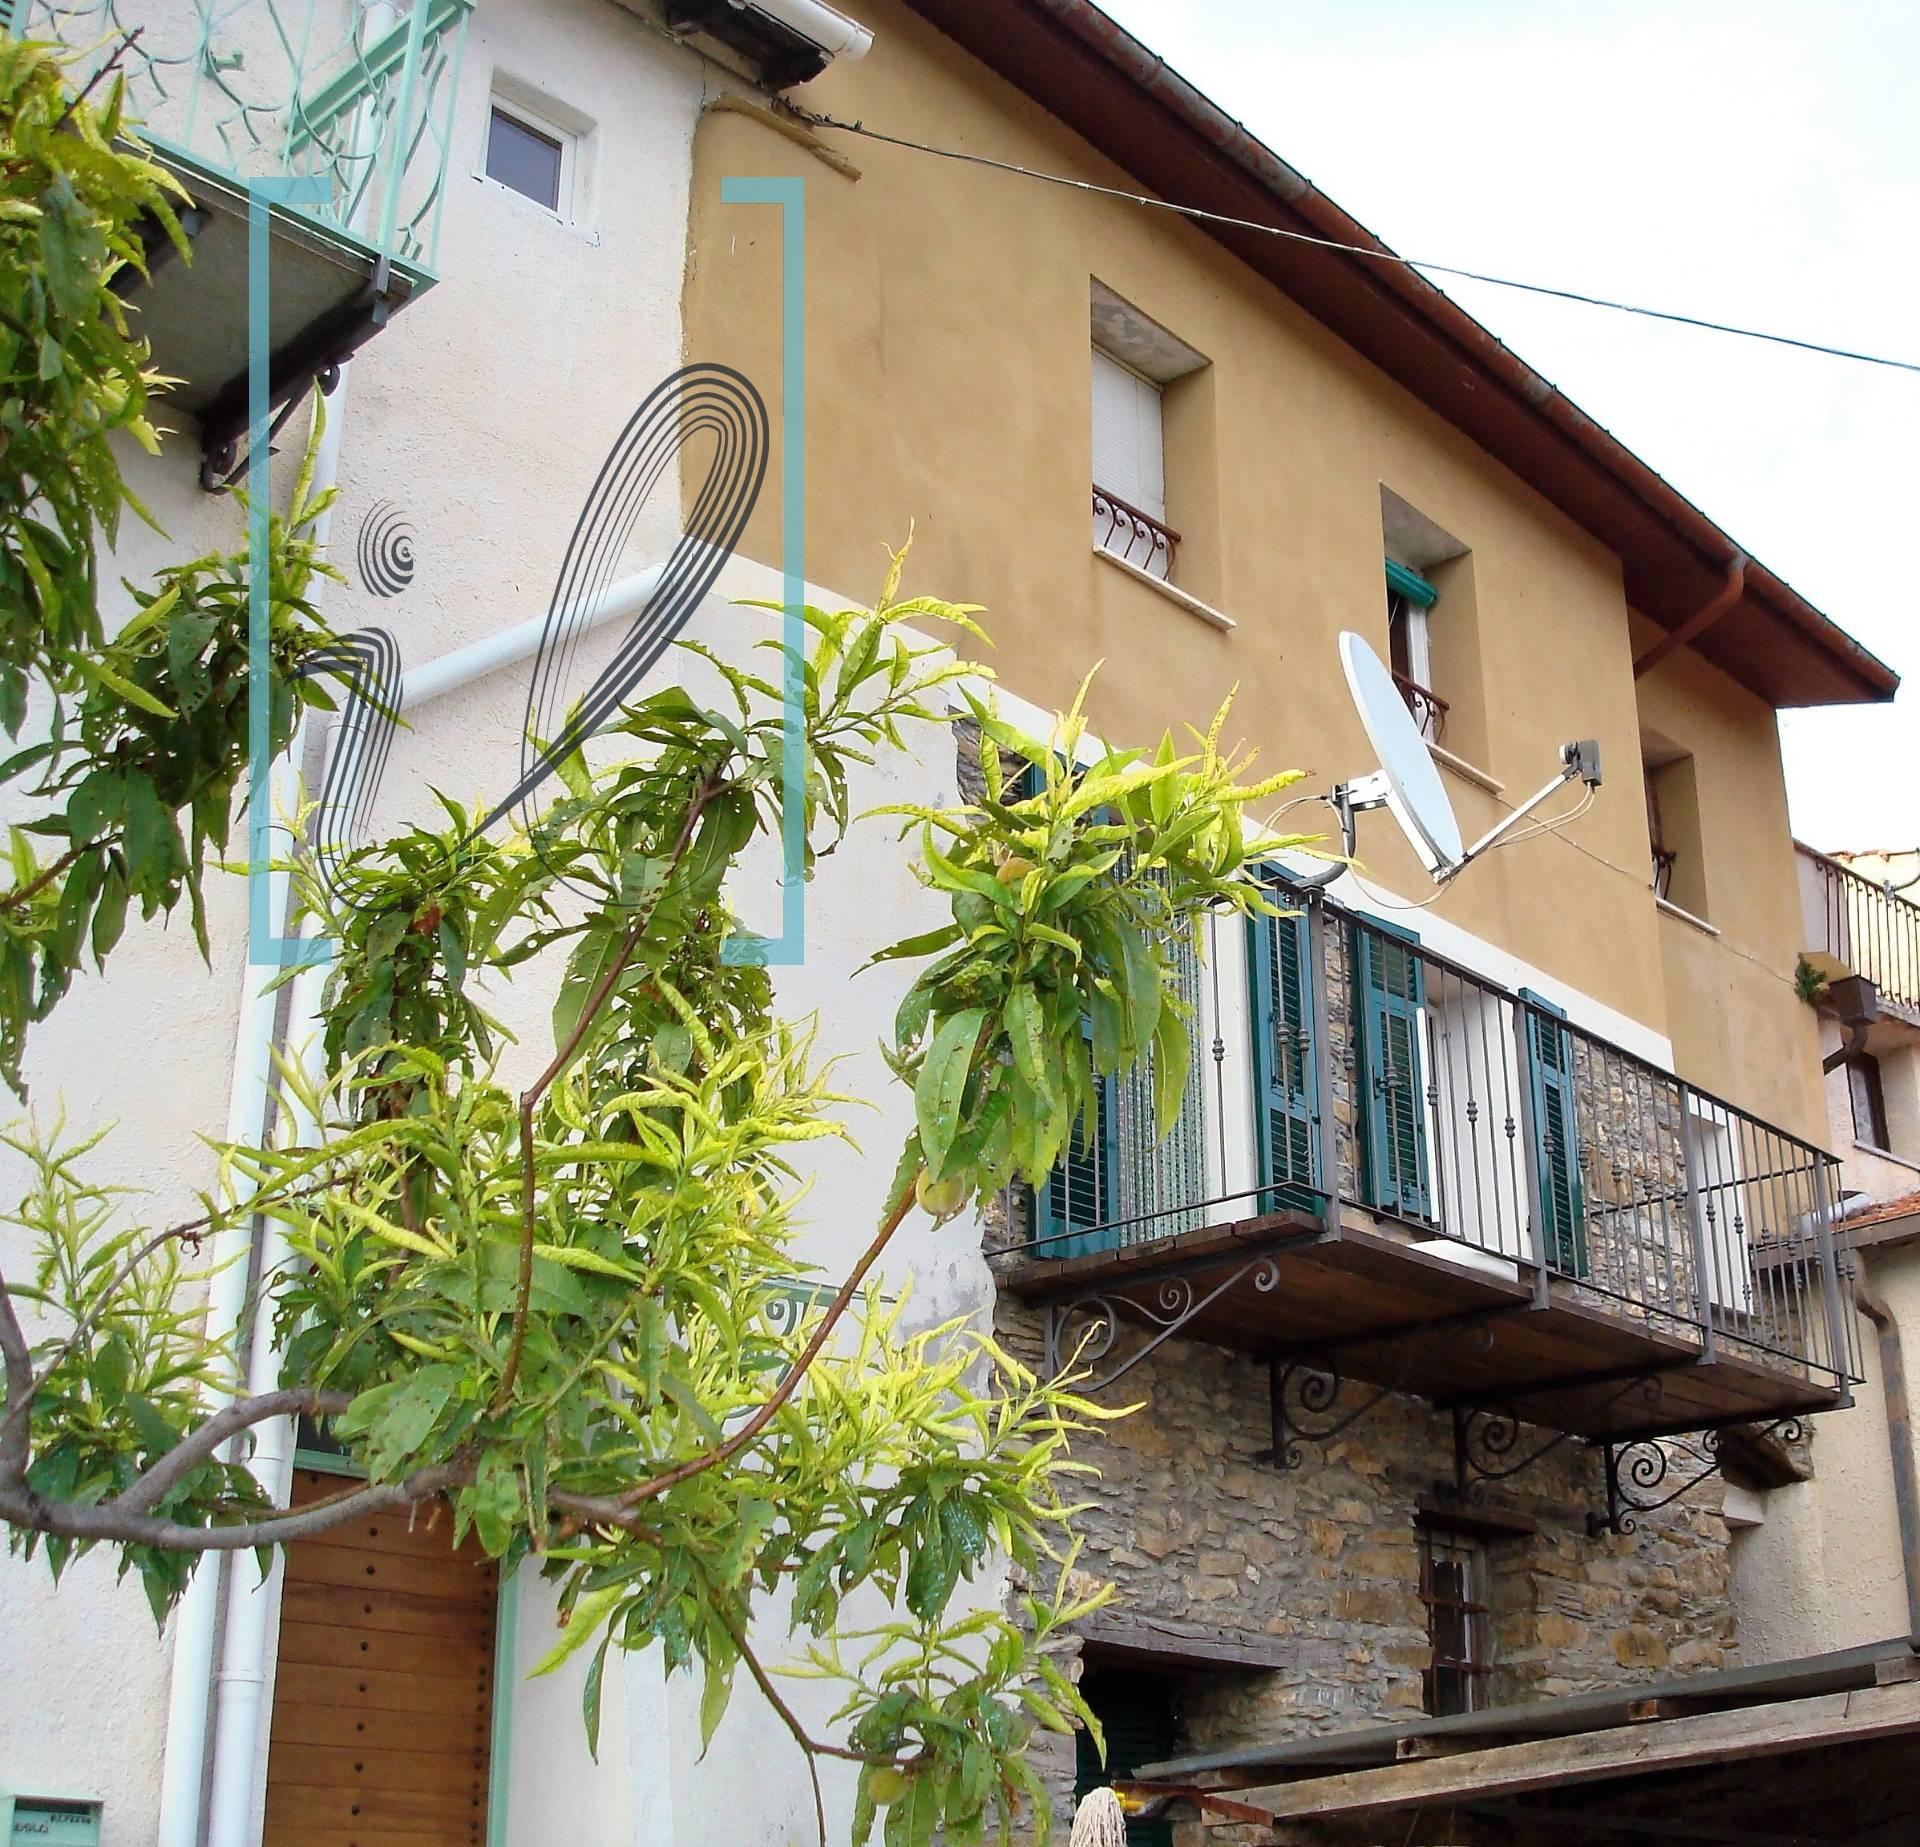 Appartamento in vendita a Borghetto d'Arroscia, 3 locali, prezzo € 48.000 | CambioCasa.it